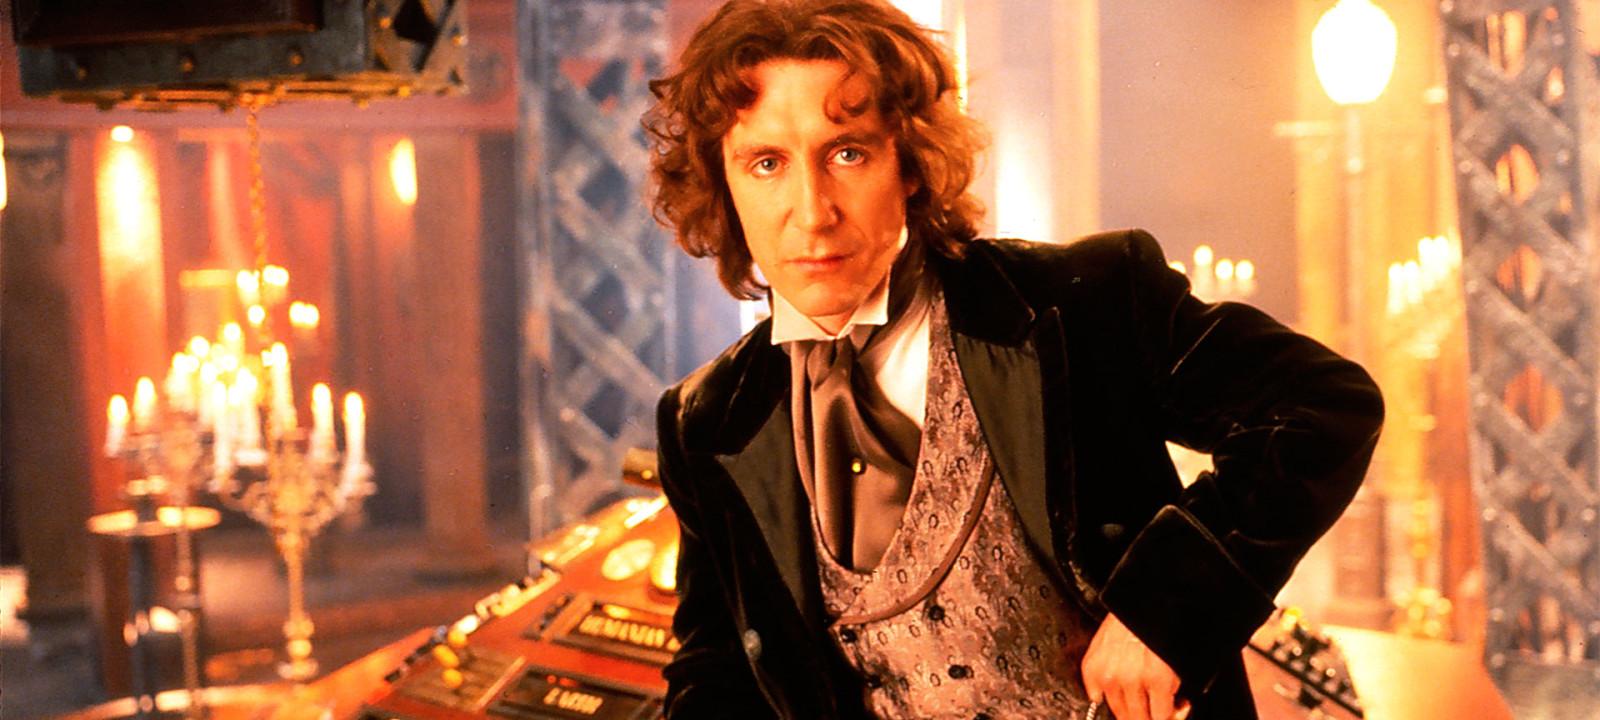 Paul McGann as the Eighth Doctor (Photo: BBC)